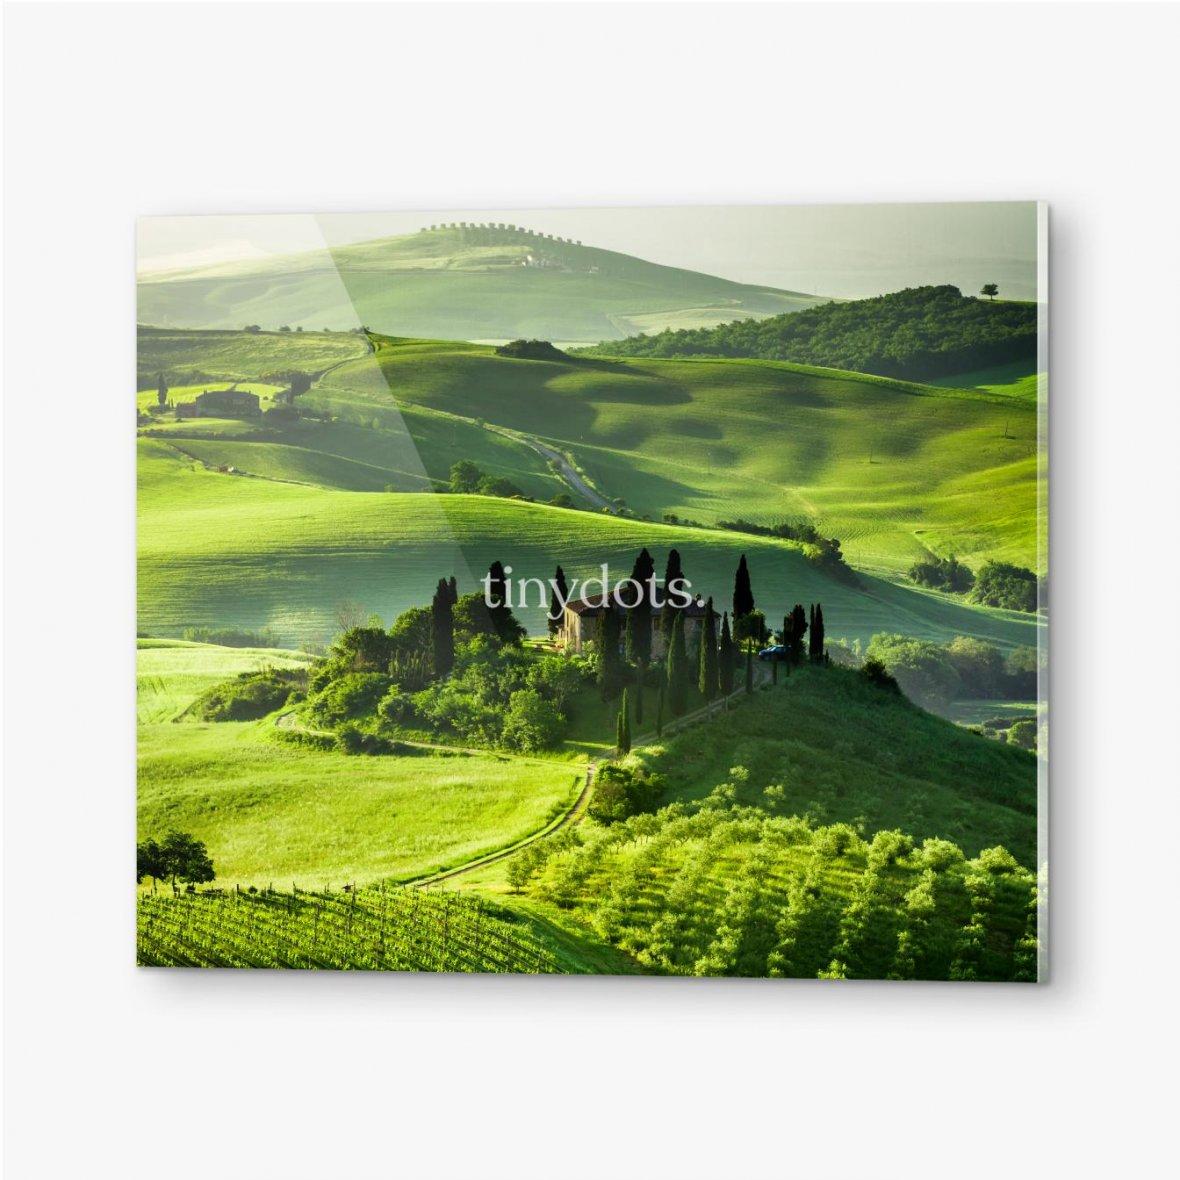 Bilder auf Acrylglas Bauernhof von Olivenhainen und Weinbergen, schöne Landschaft